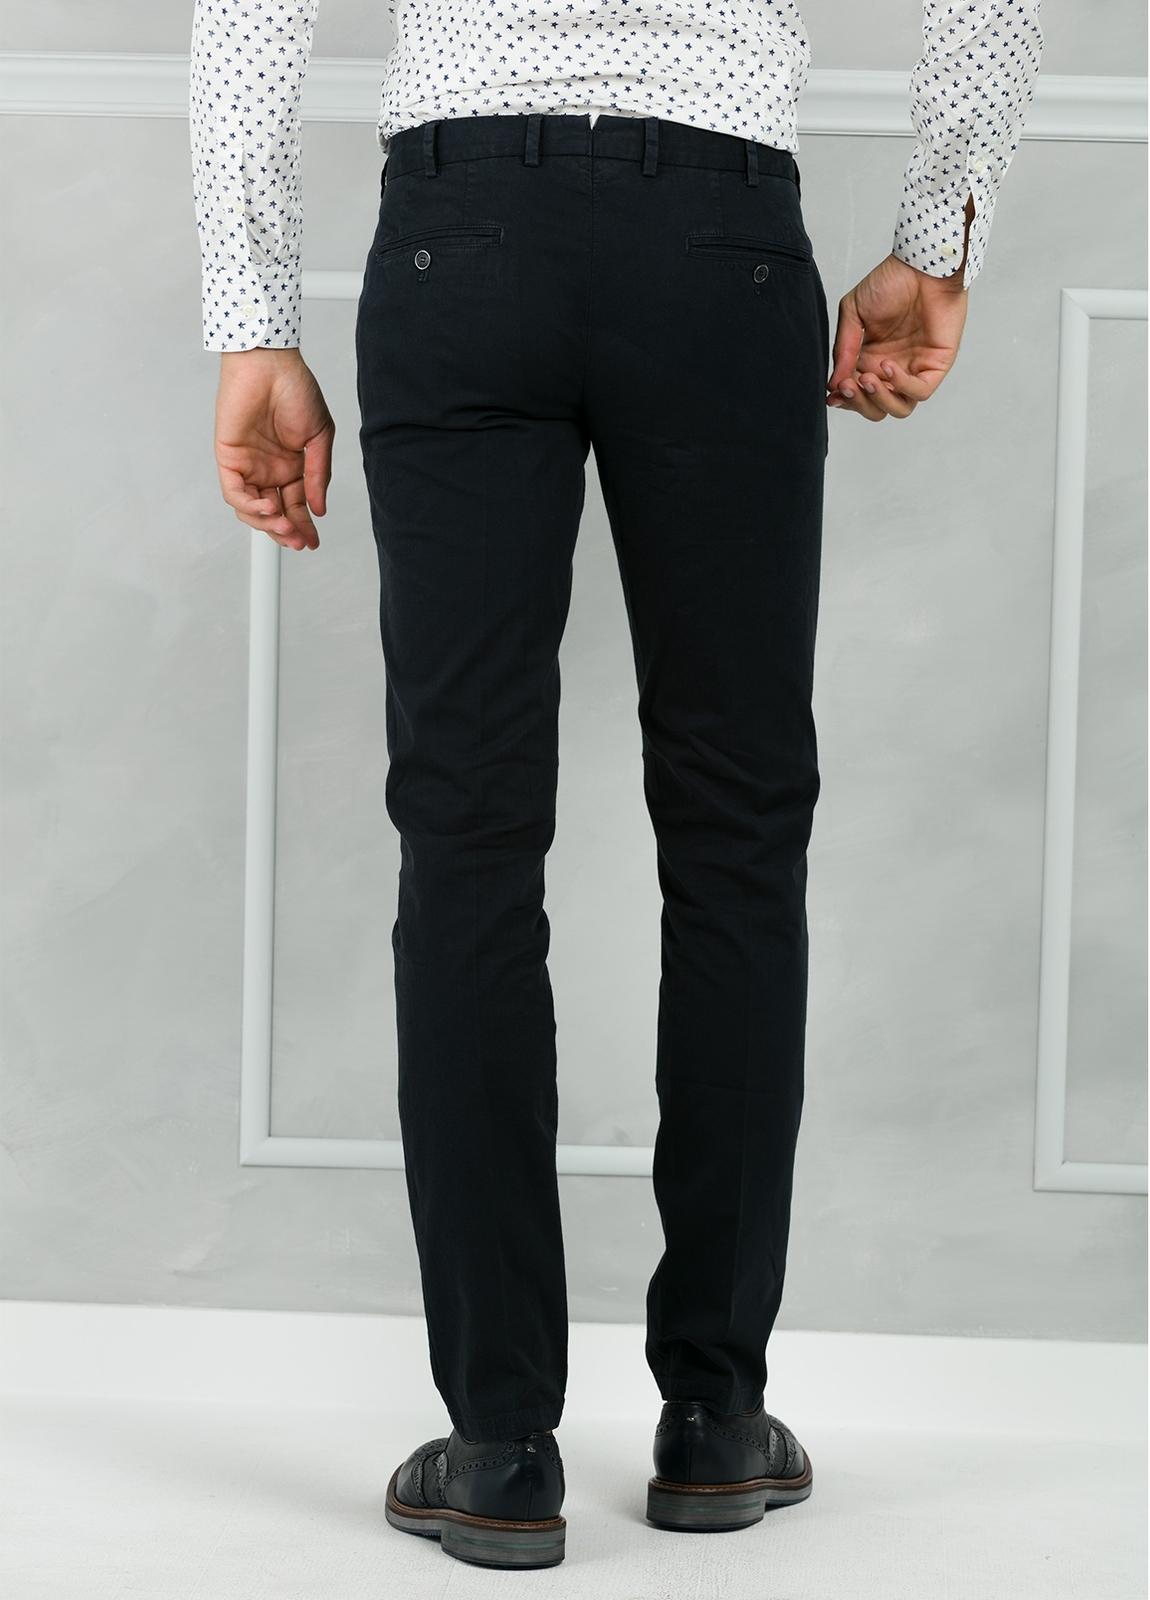 Pantalón chino modelo SANTA color azul marino. 98% Algodón 2% Elastán. - Ítem1